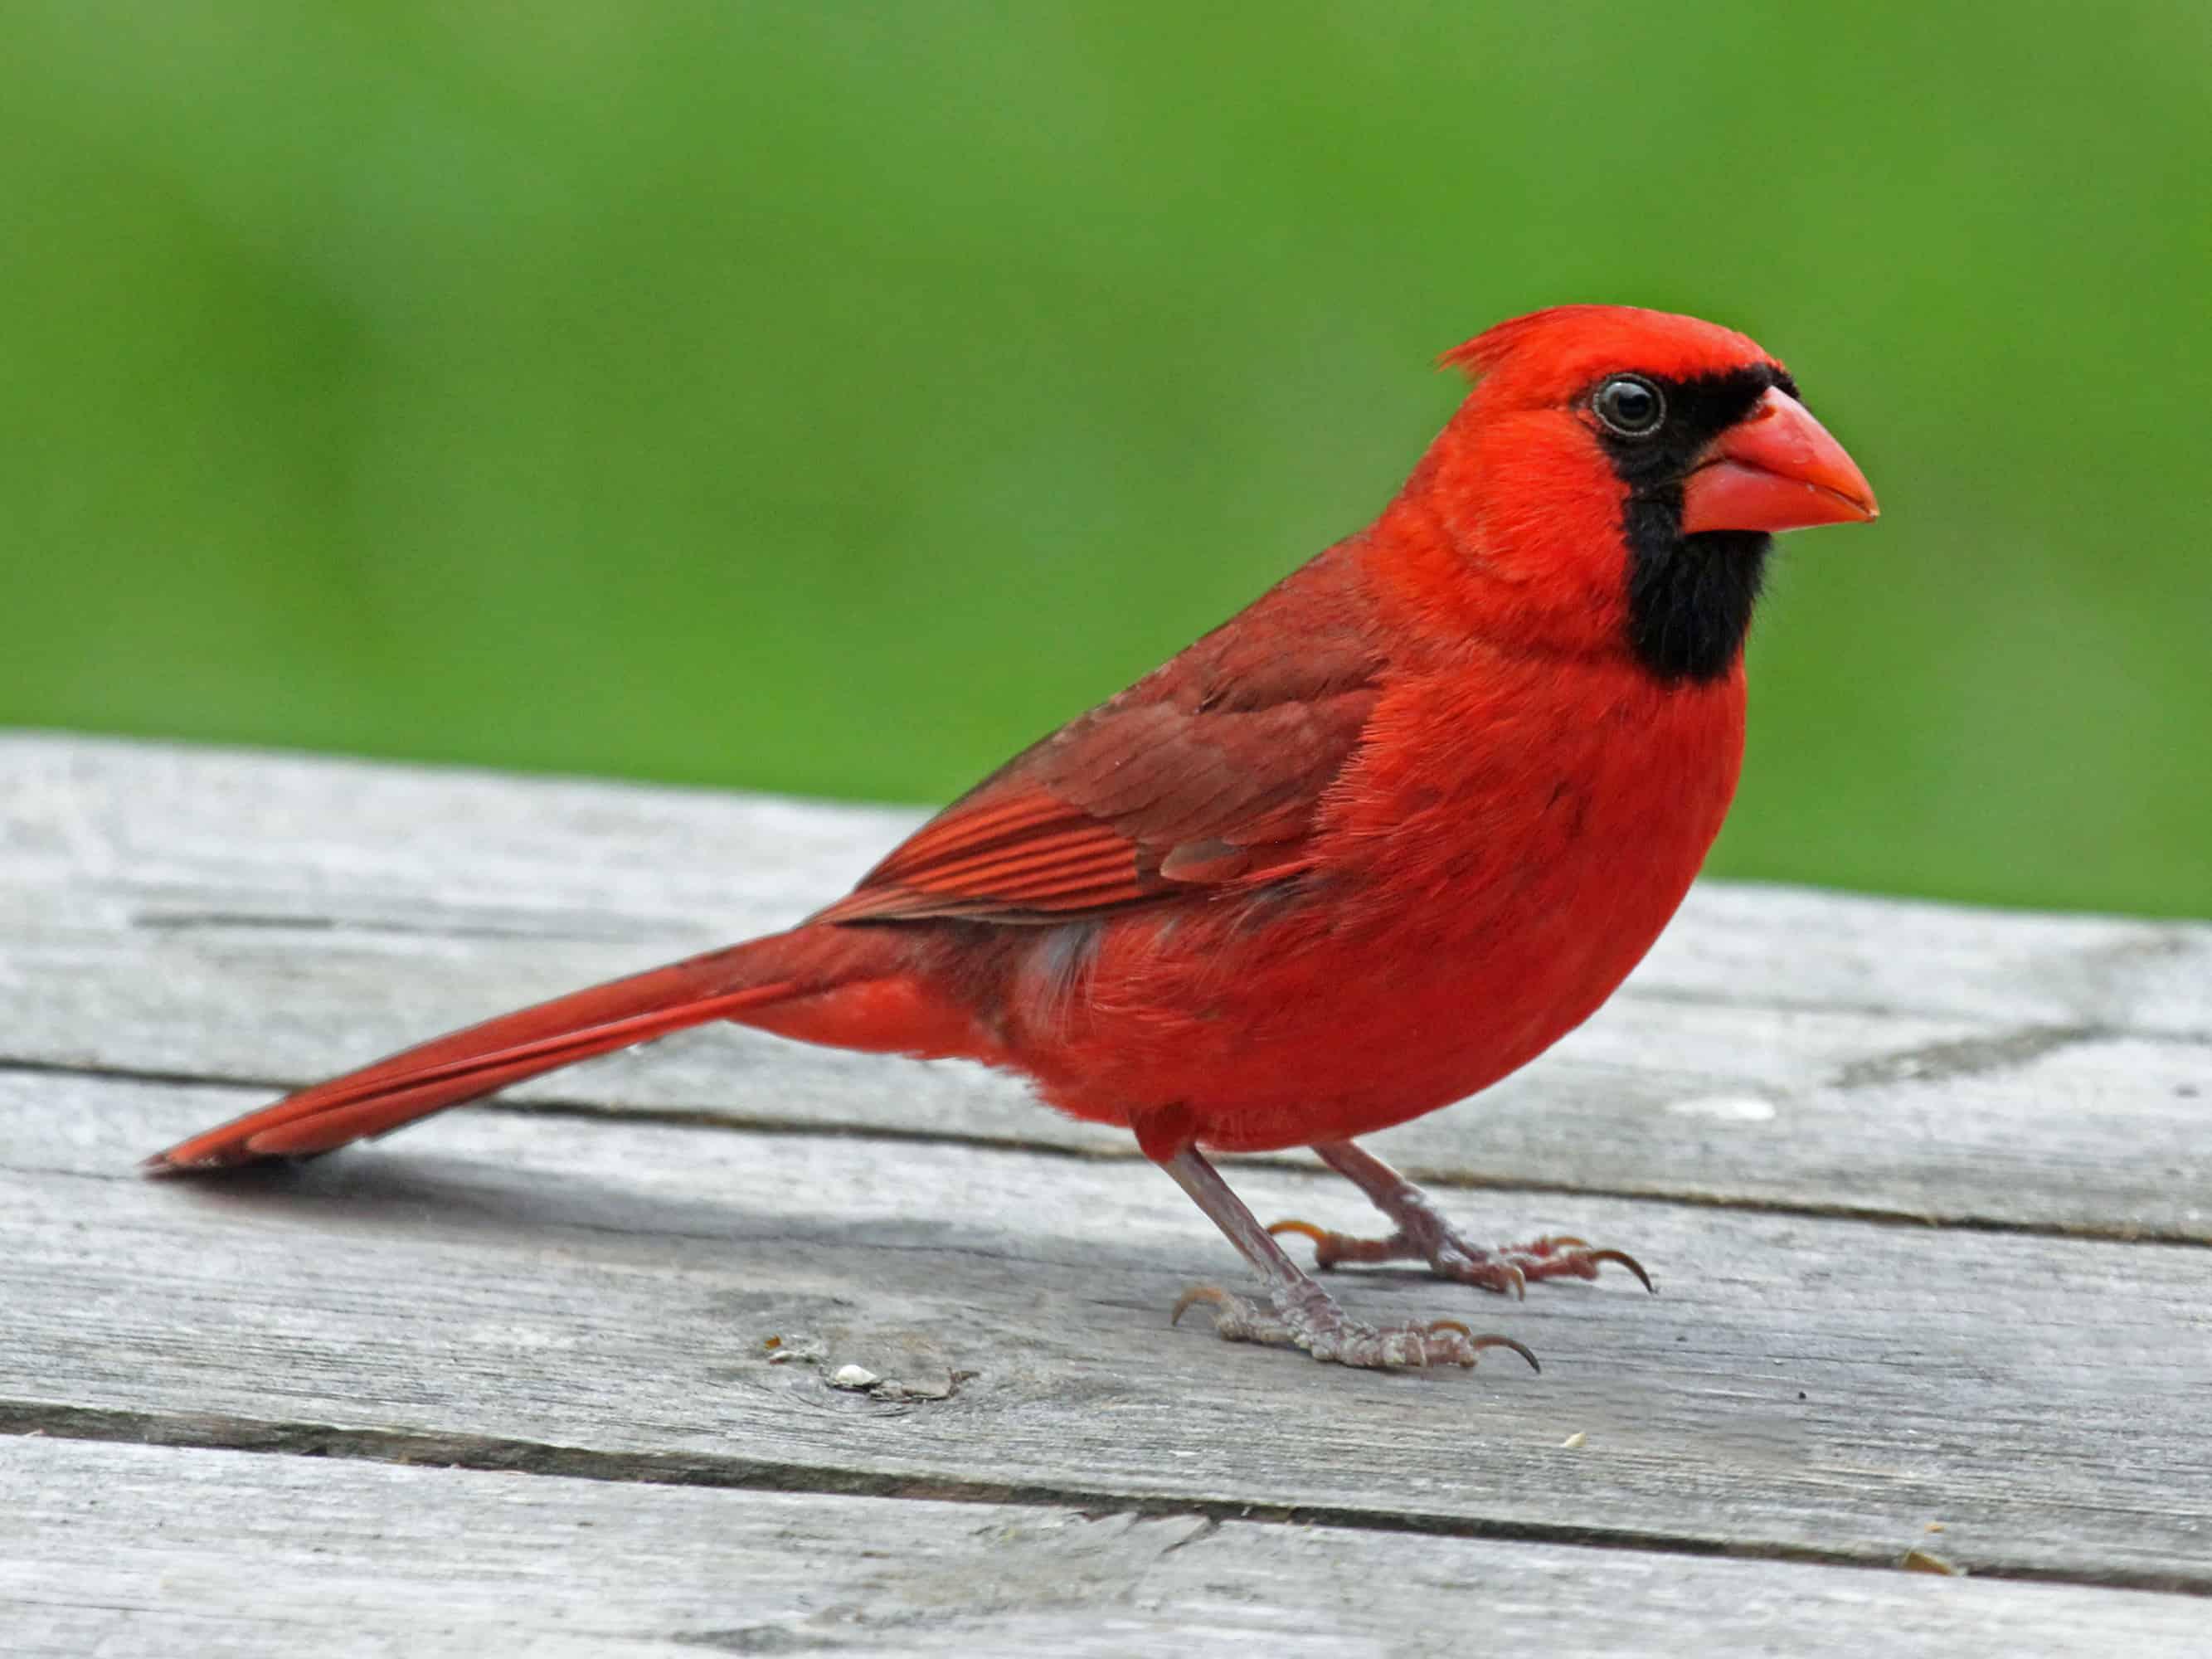 red cardinal symbolism